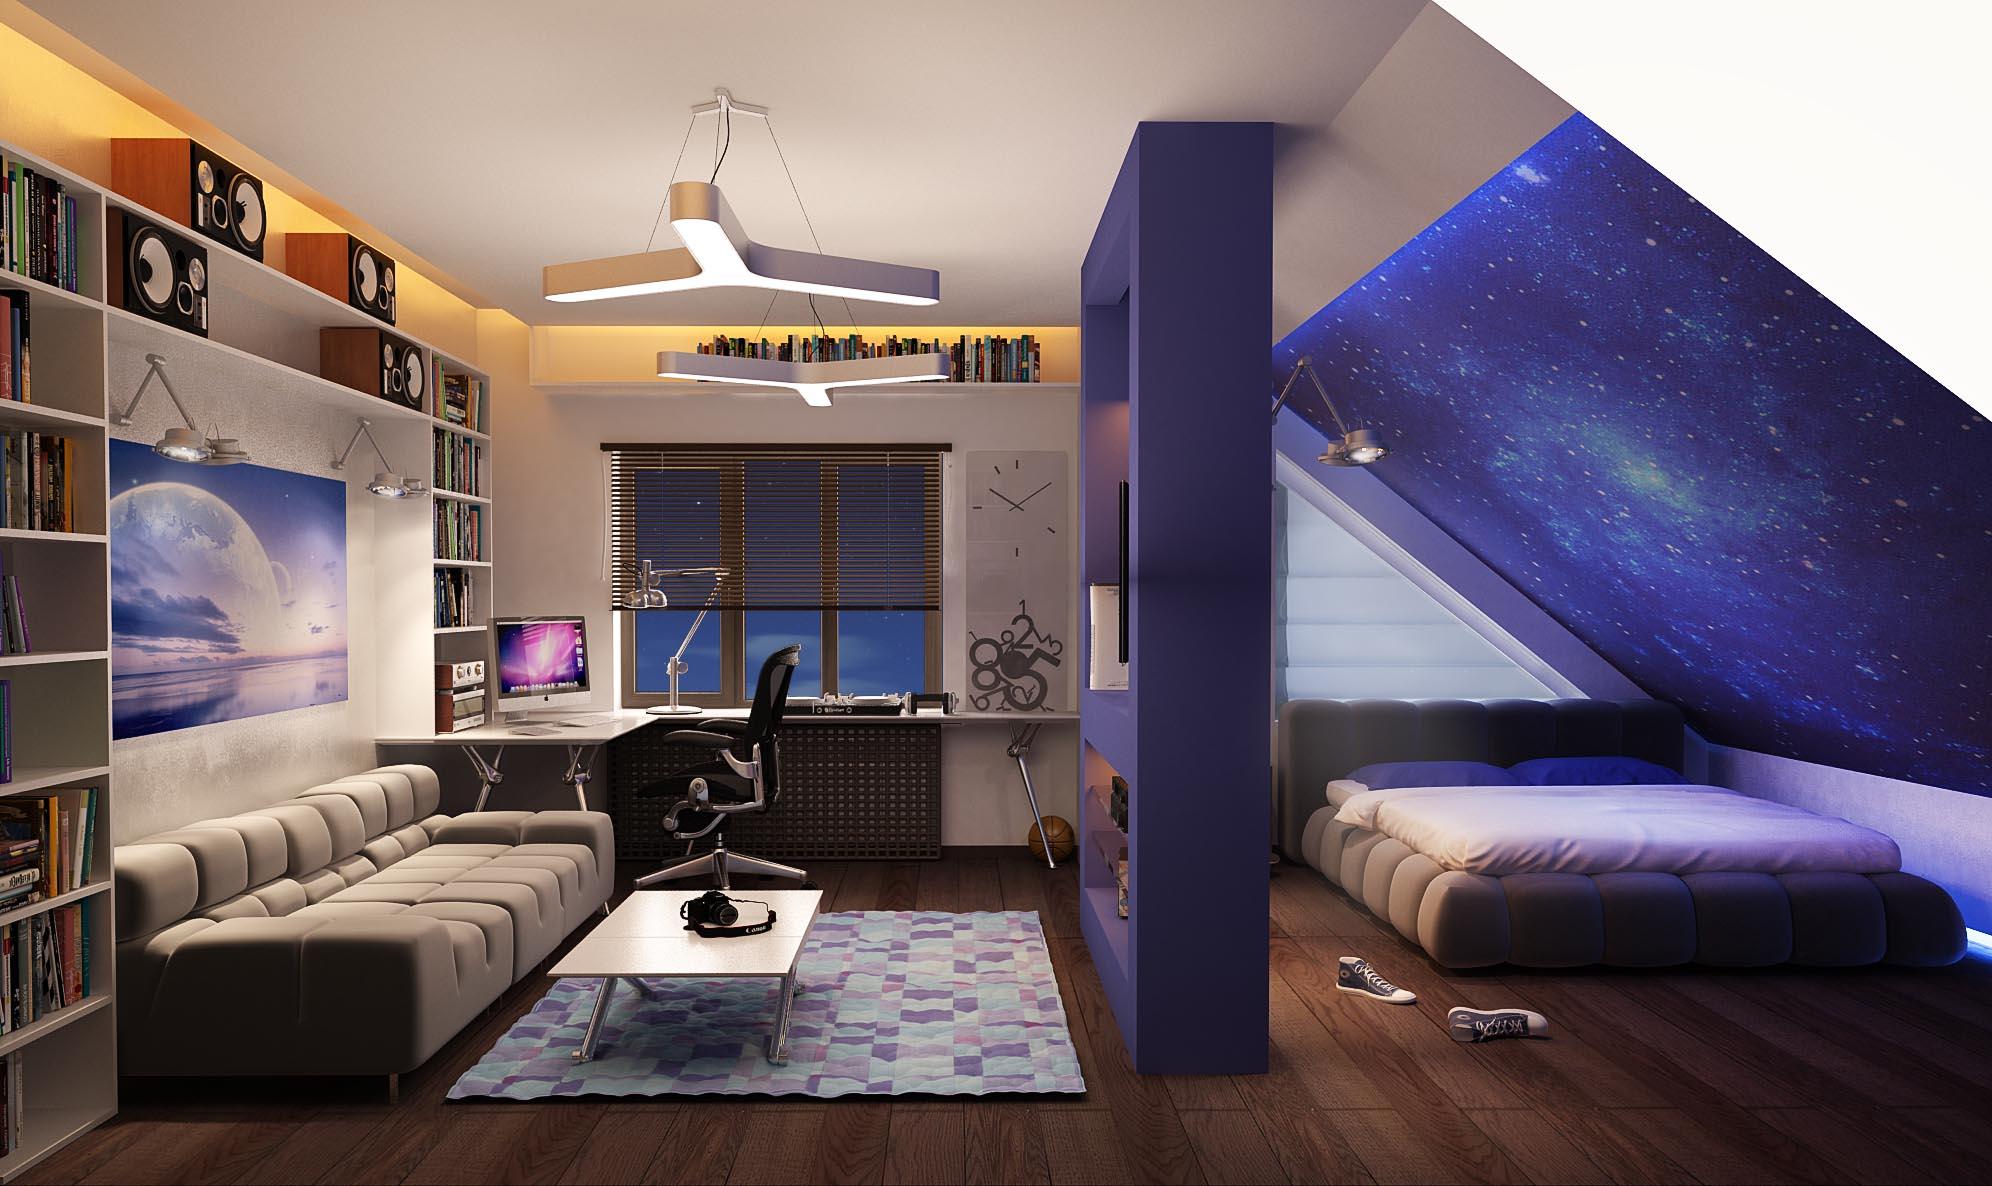 Интерьер комнаты мансарды в фото